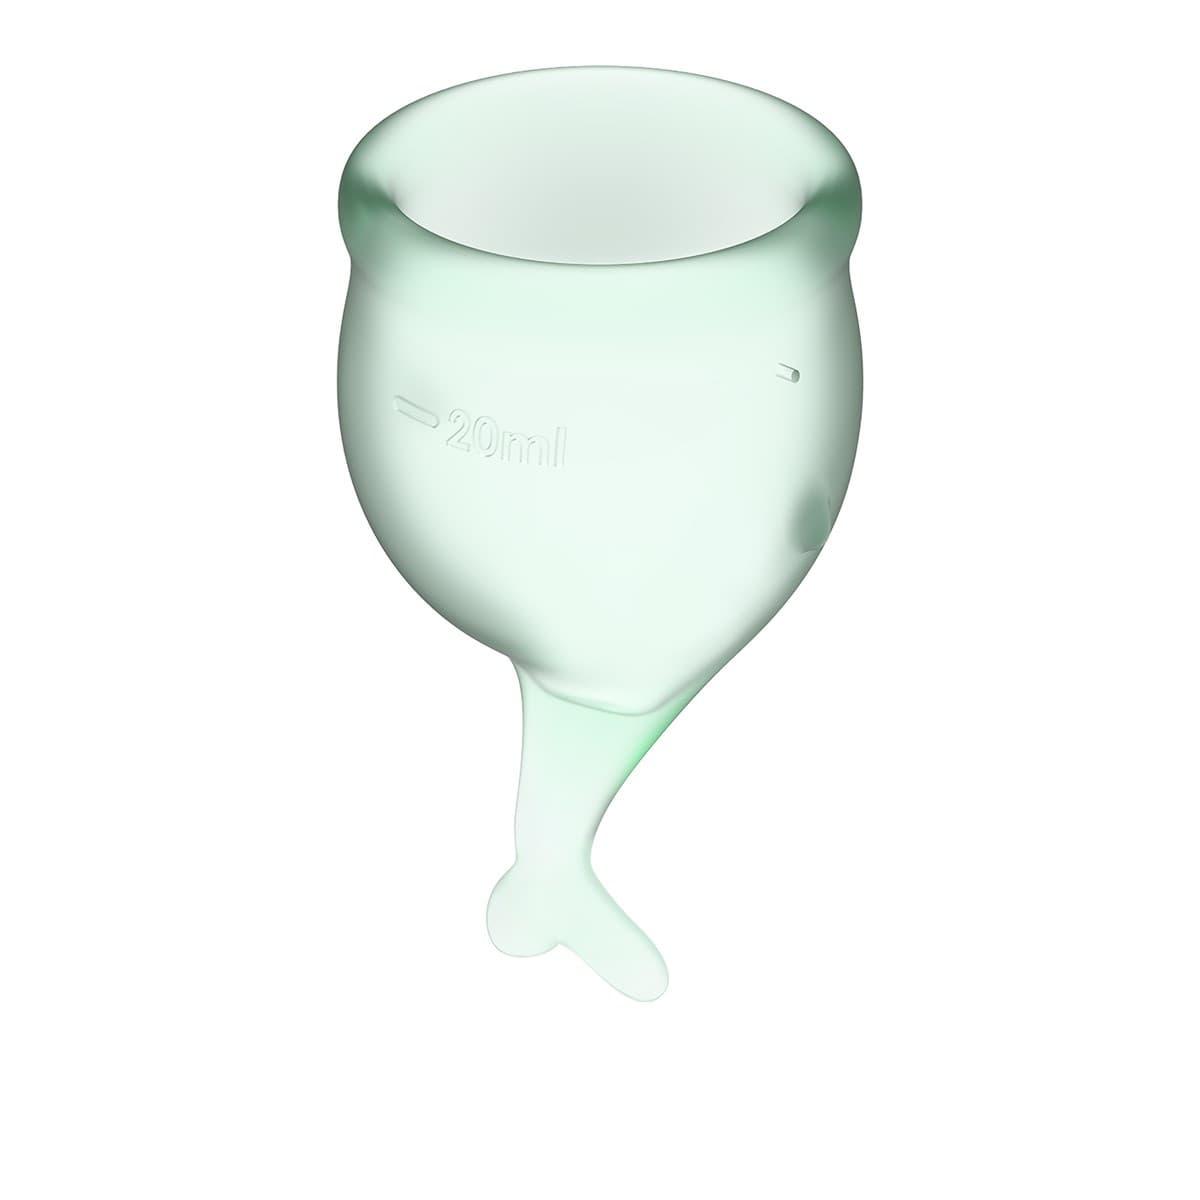 Satisfyer Feel Secure Menstrual Cup, Набор Менструальных Чаш - фото 18753